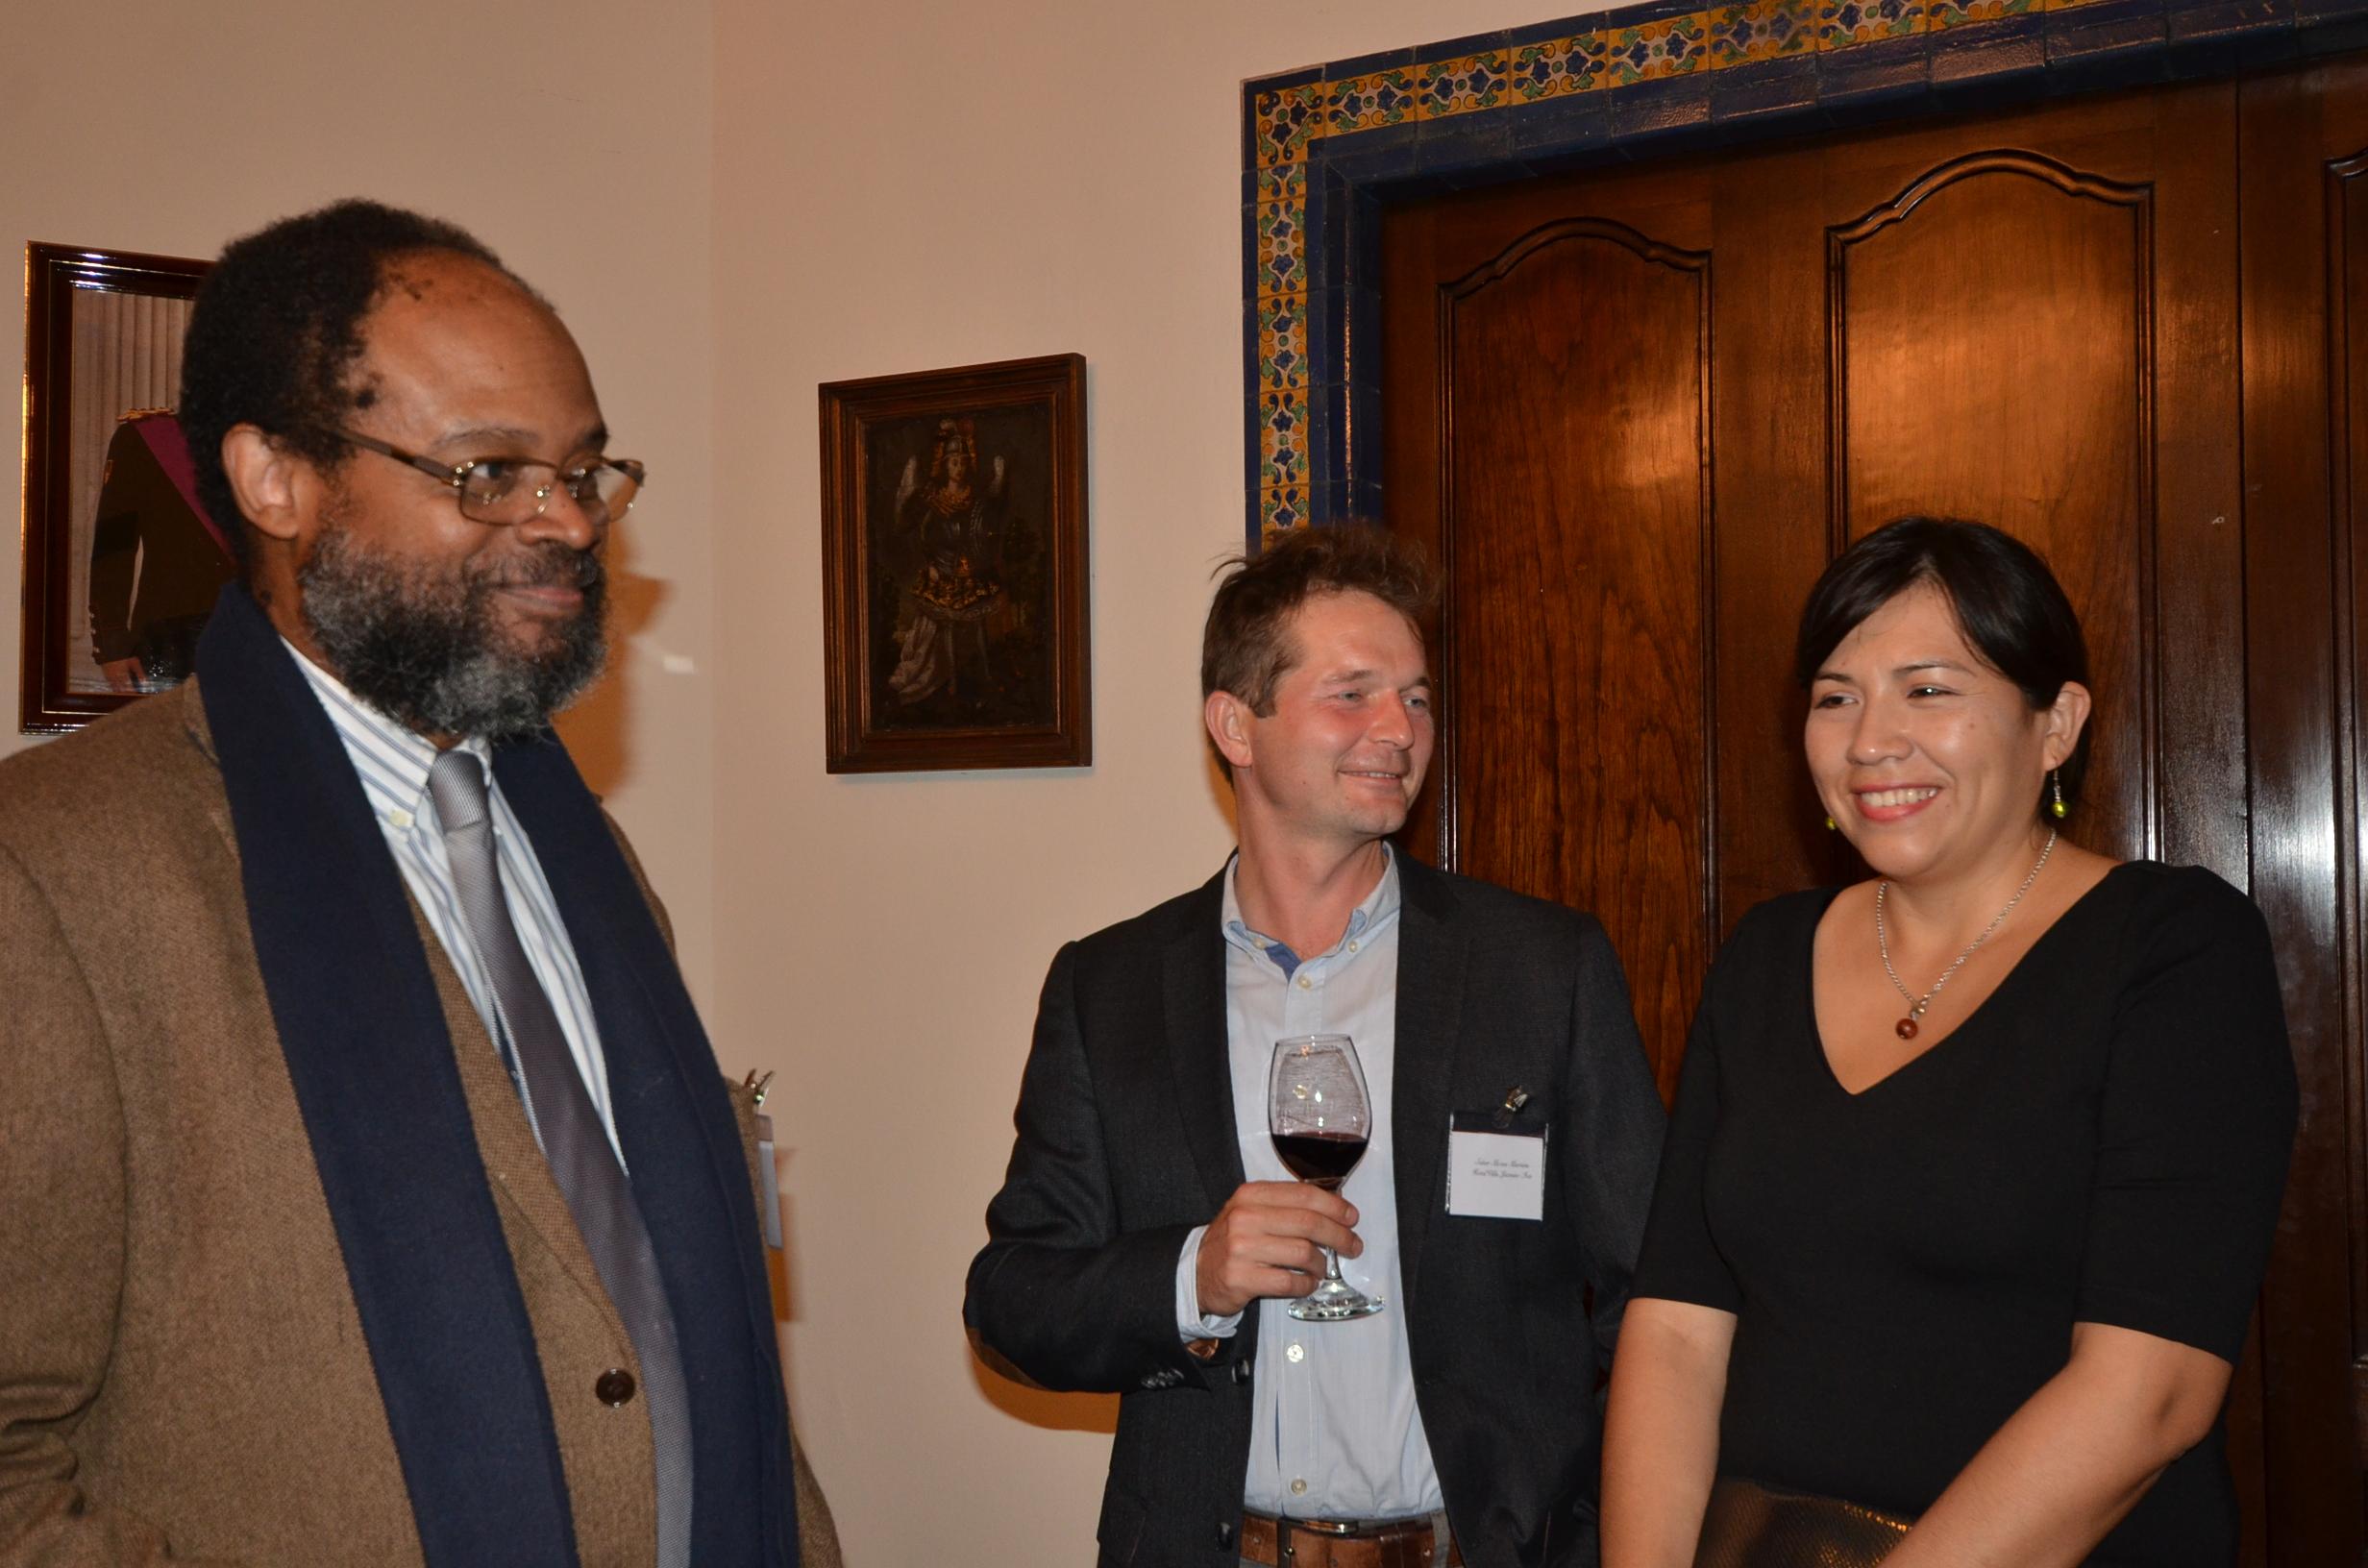 Avec M. Mozes Martens et son épouse